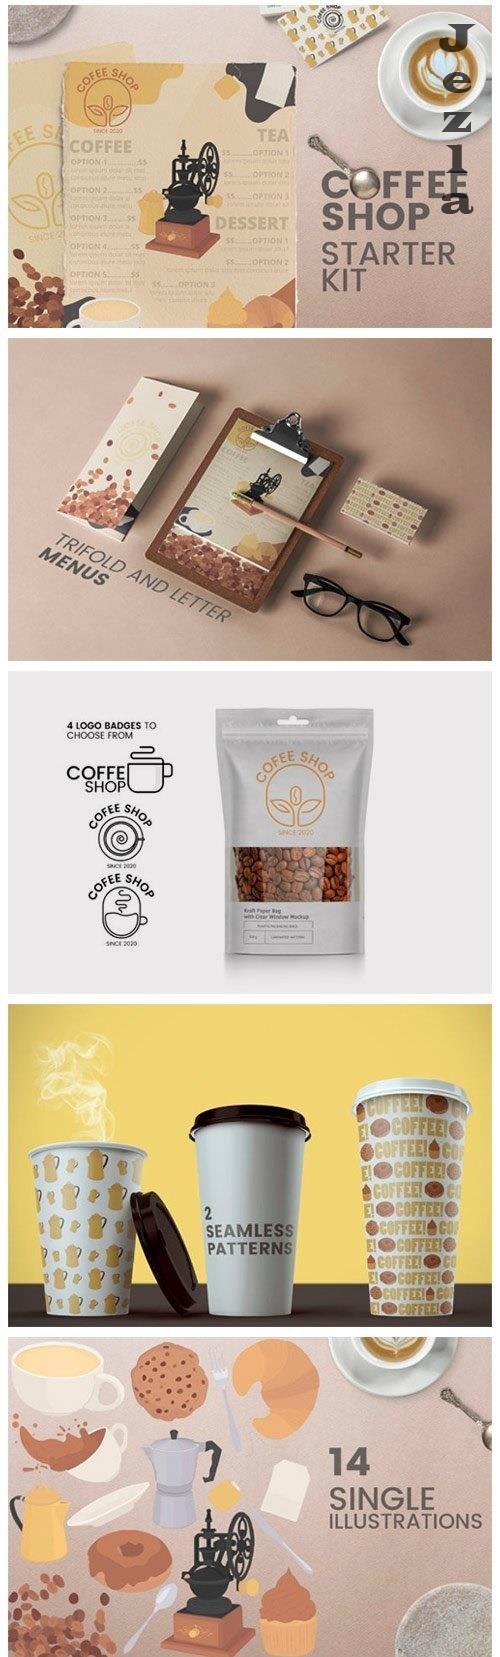 Coffee shop kit - Menus logos MORE! - 4983078